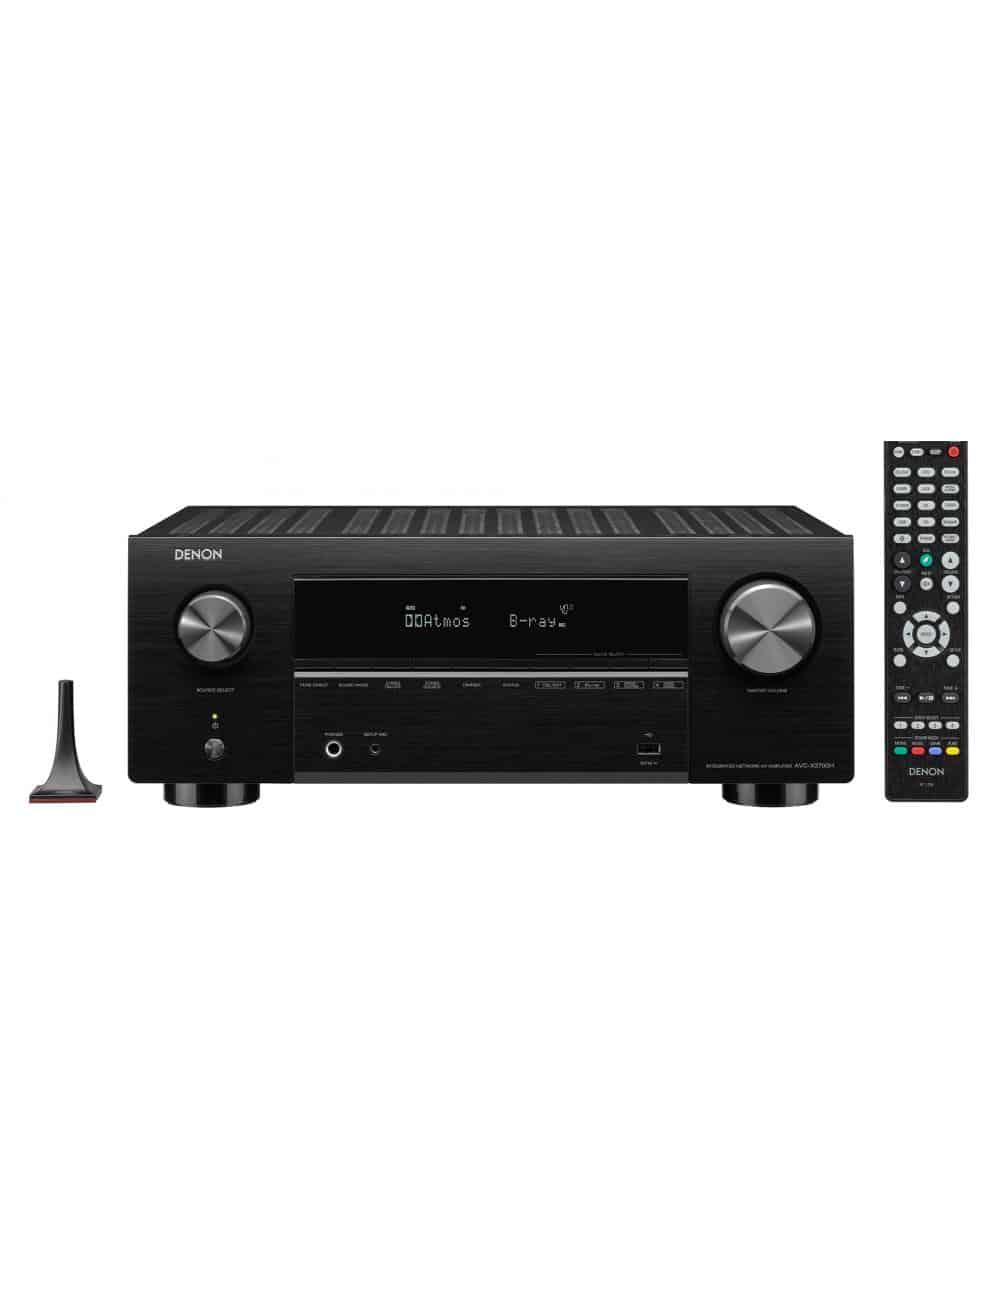 Sintoamplificatore AV 9.2 canali 8K Ultra HD con Audio 3D e HEOS, Denon AVC-X3700H, vista frontale